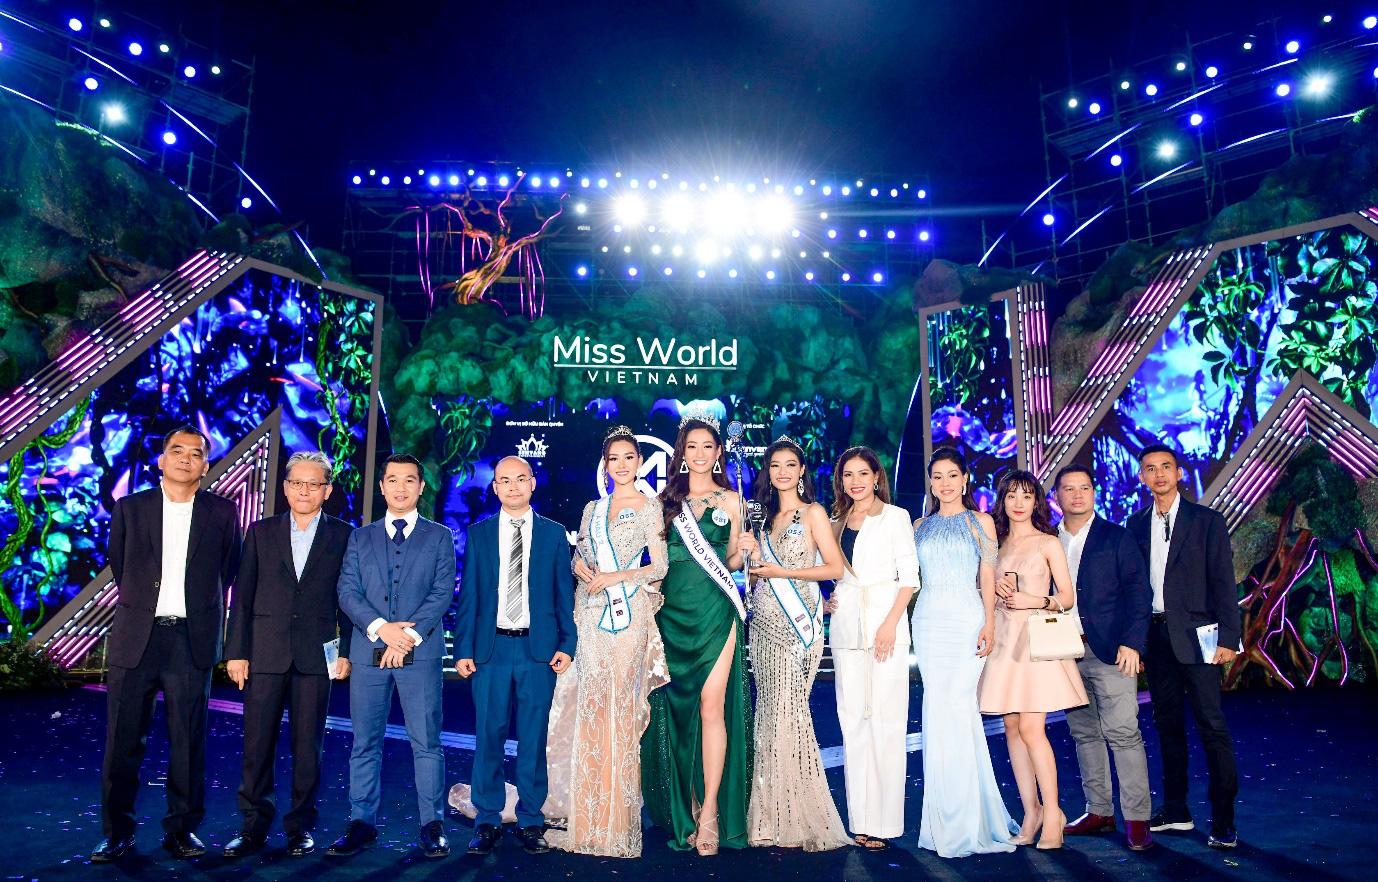 Miss World Việt Nam Lương Thùy Linh: Chúng ta không thể chọn vạch xuất phát nhưng đều có thể chạy đến cùng vạch đích - Ảnh 1.